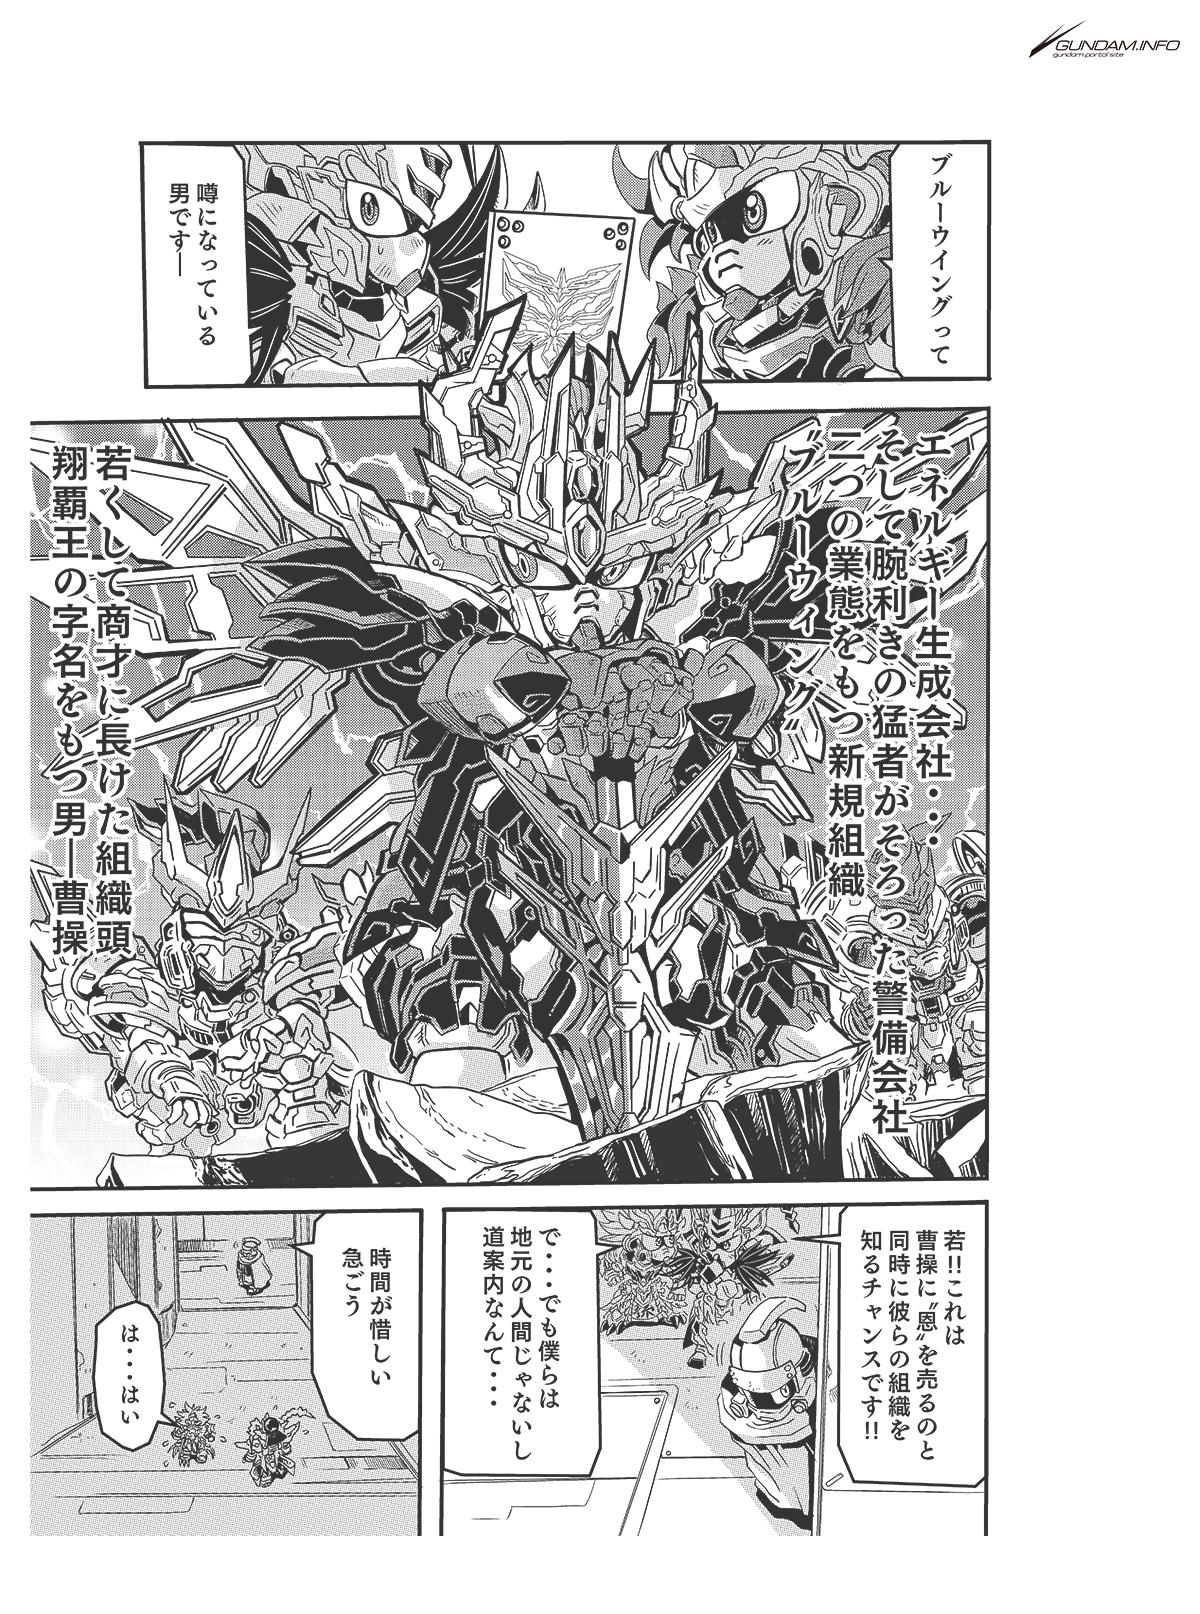 SDガンダムワールド 三国創傑伝 焔虎譚 第3話 P8